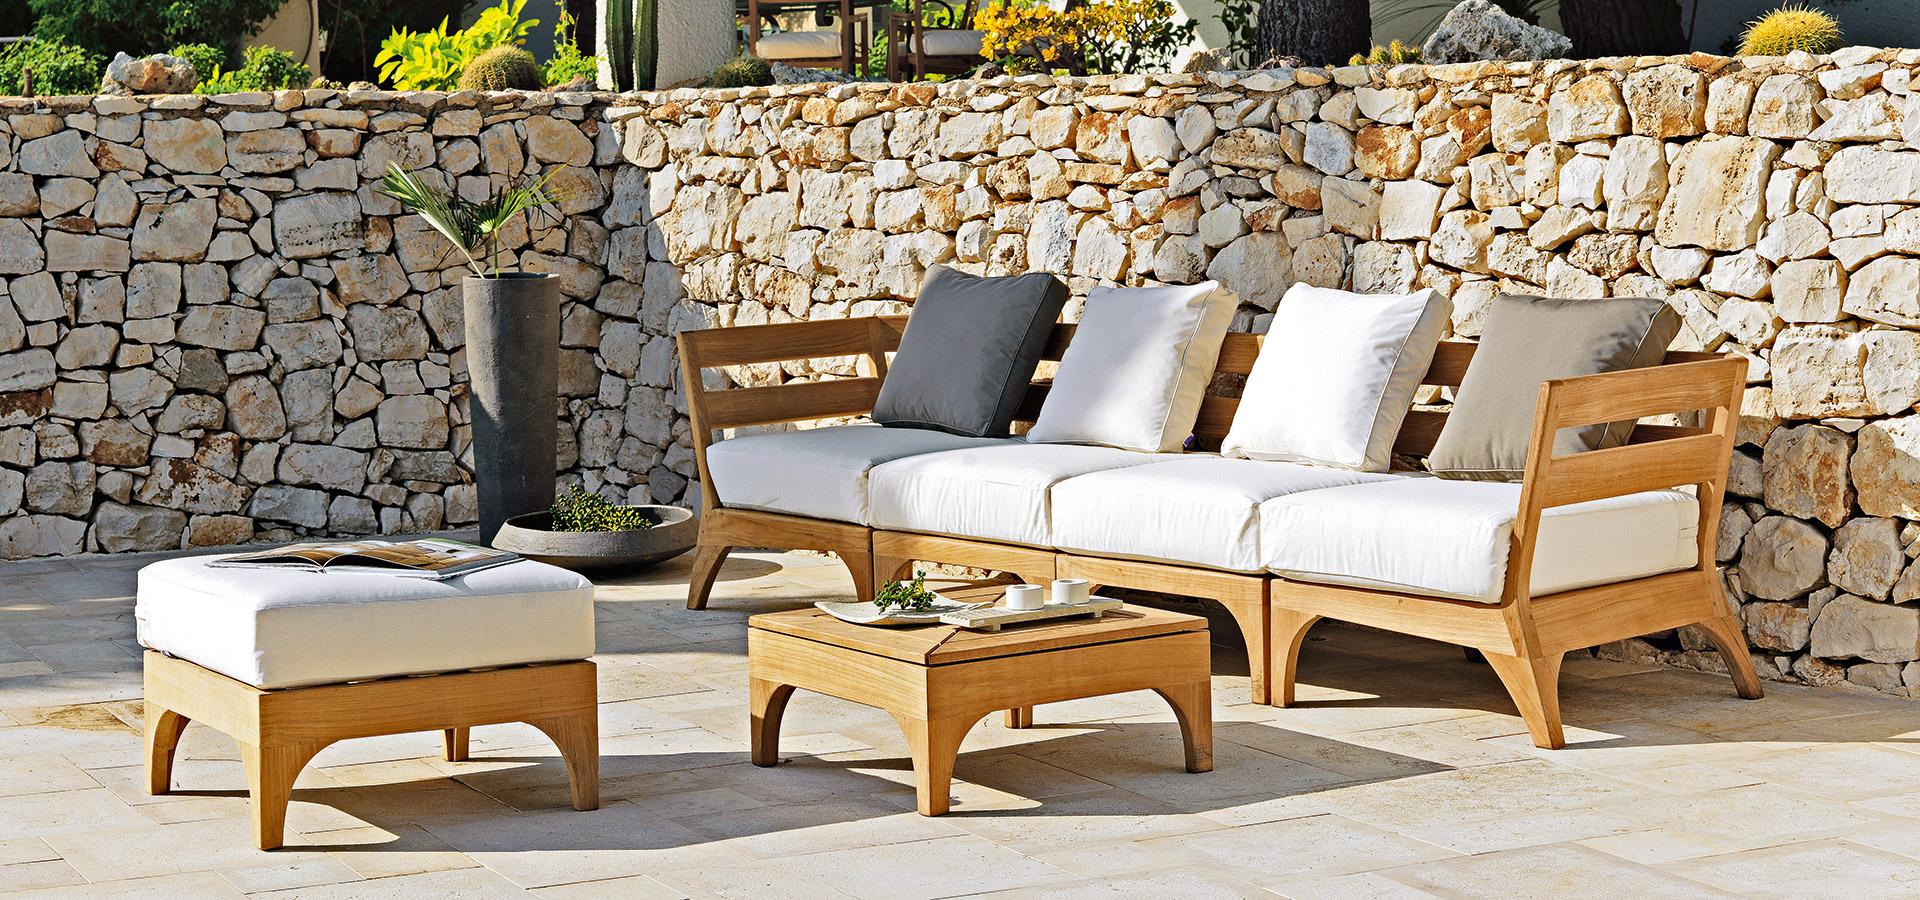 lounge gartenm bel von stigamo stigamo gartenm bel und boxspringbetten. Black Bedroom Furniture Sets. Home Design Ideas